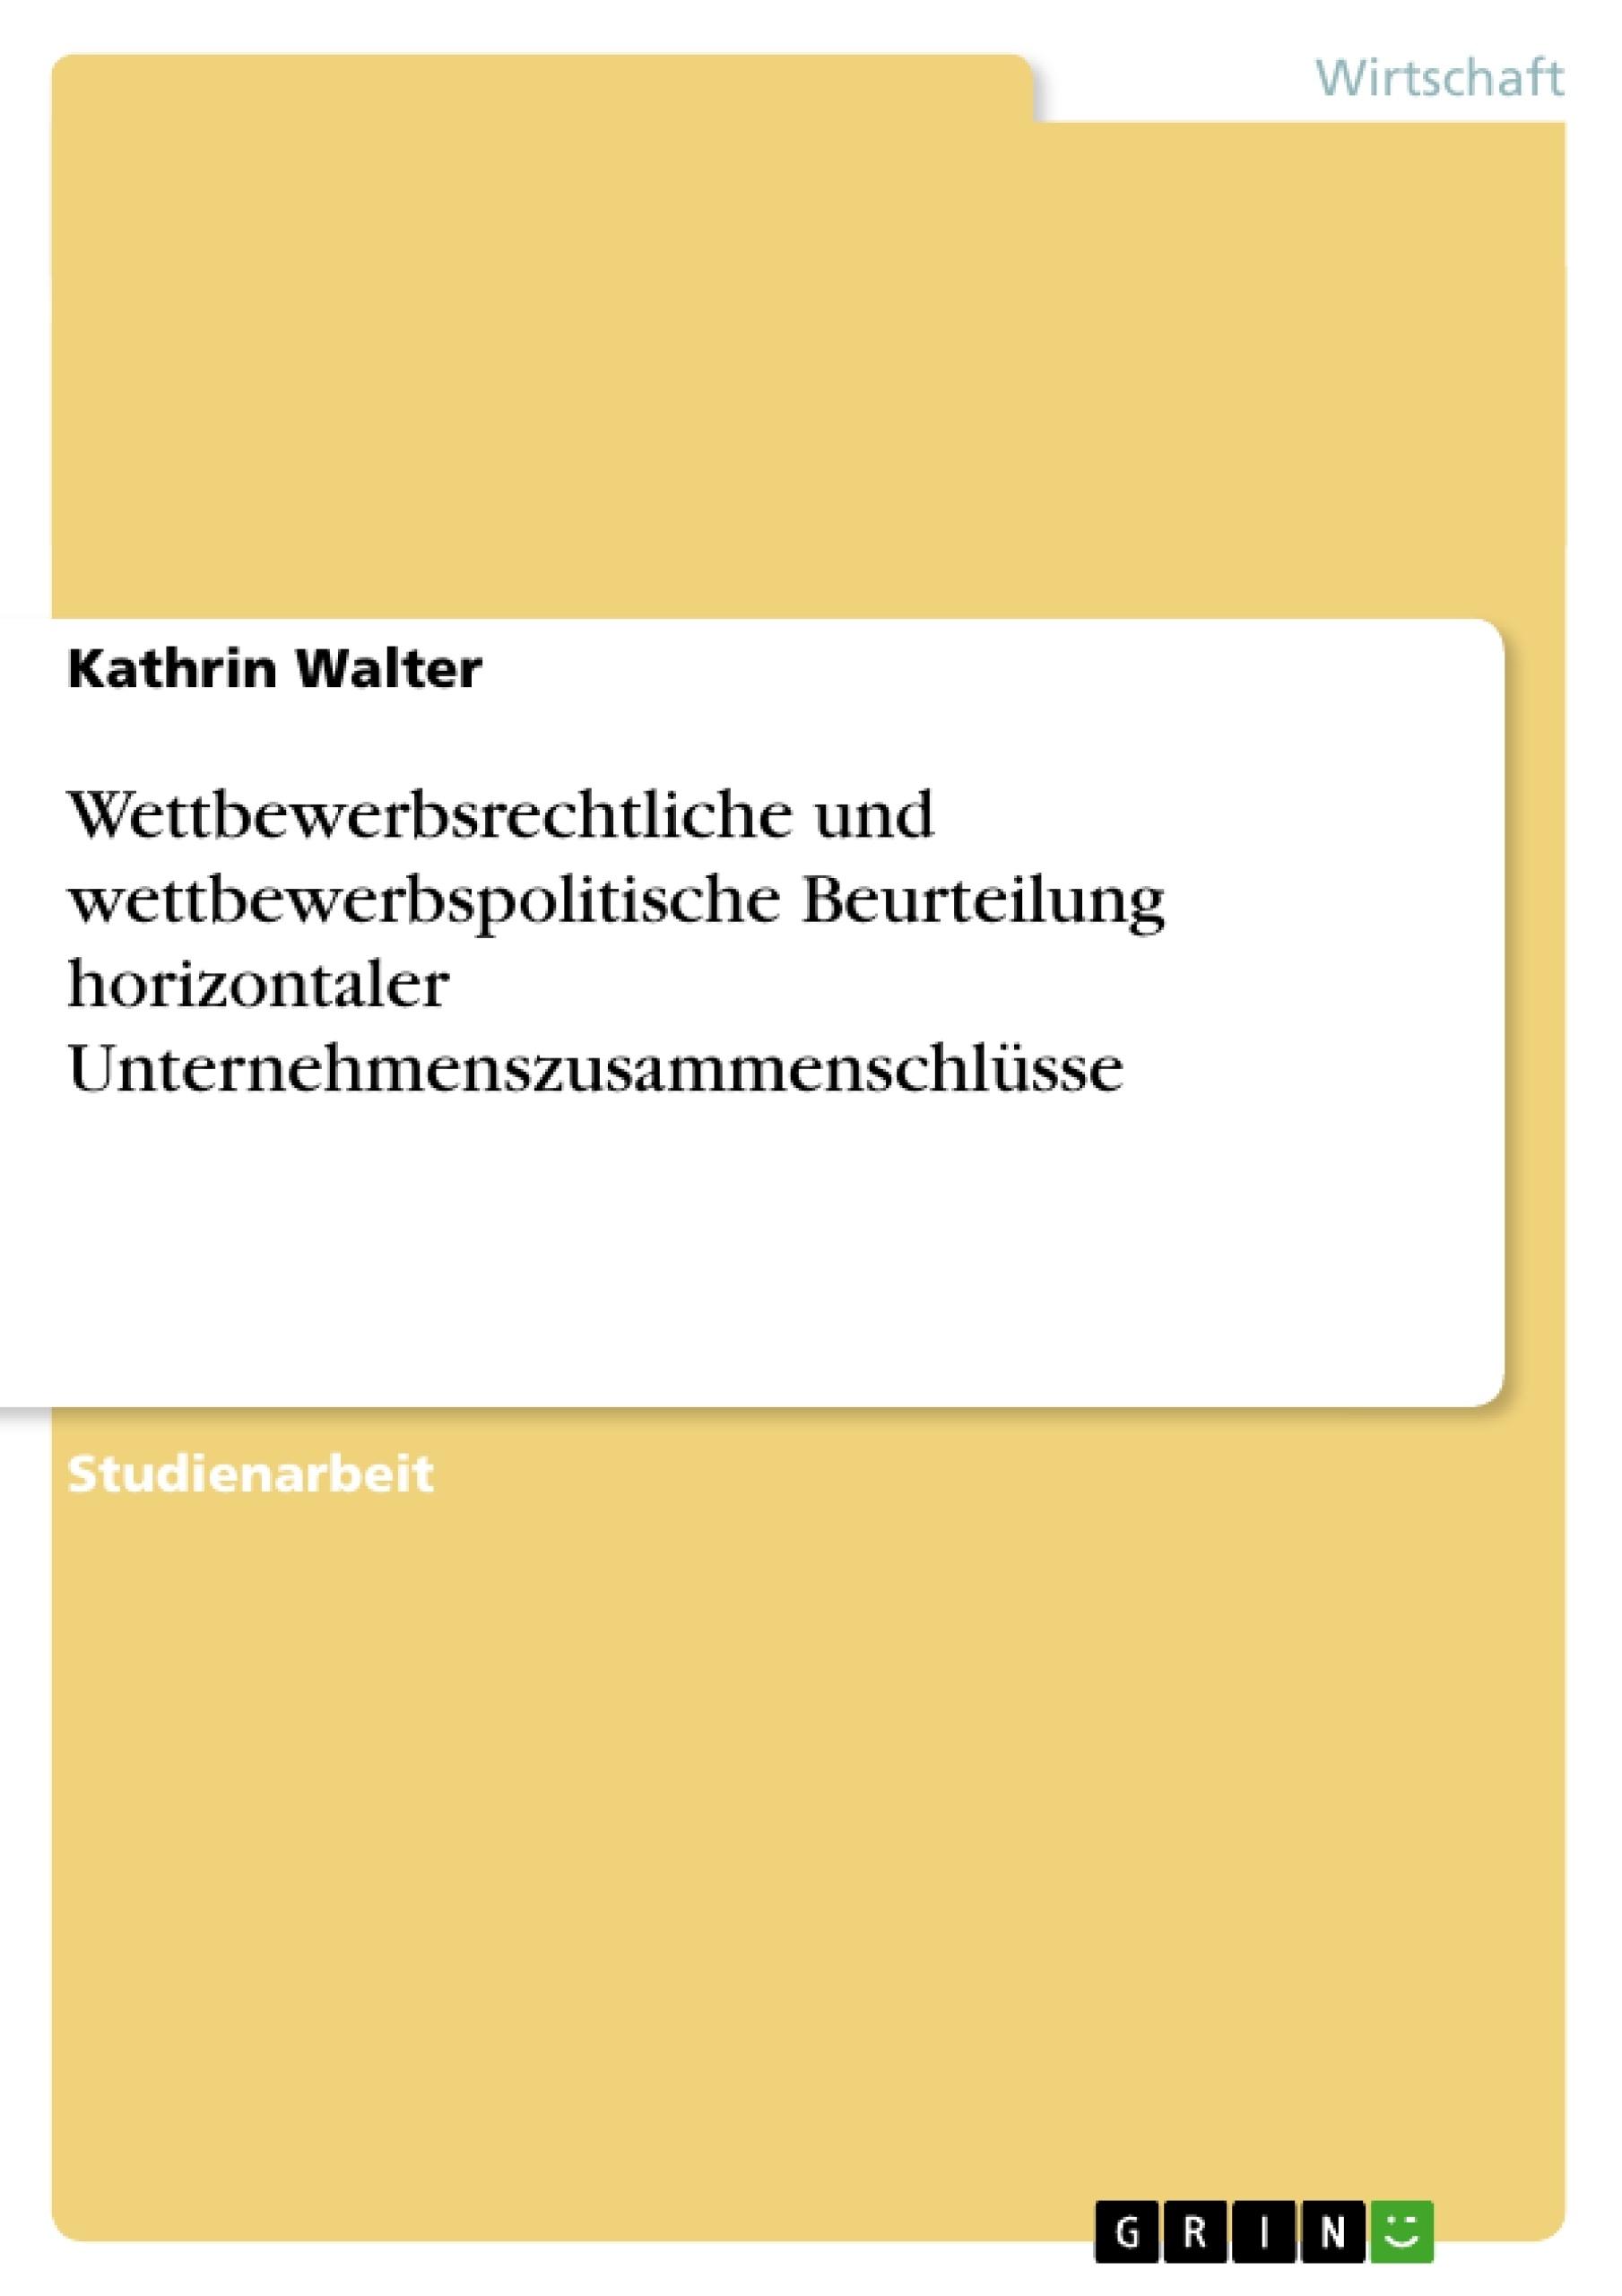 Titel: Wettbewerbsrechtliche und wettbewerbspolitische Beurteilung horizontaler Unternehmenszusammenschlüsse